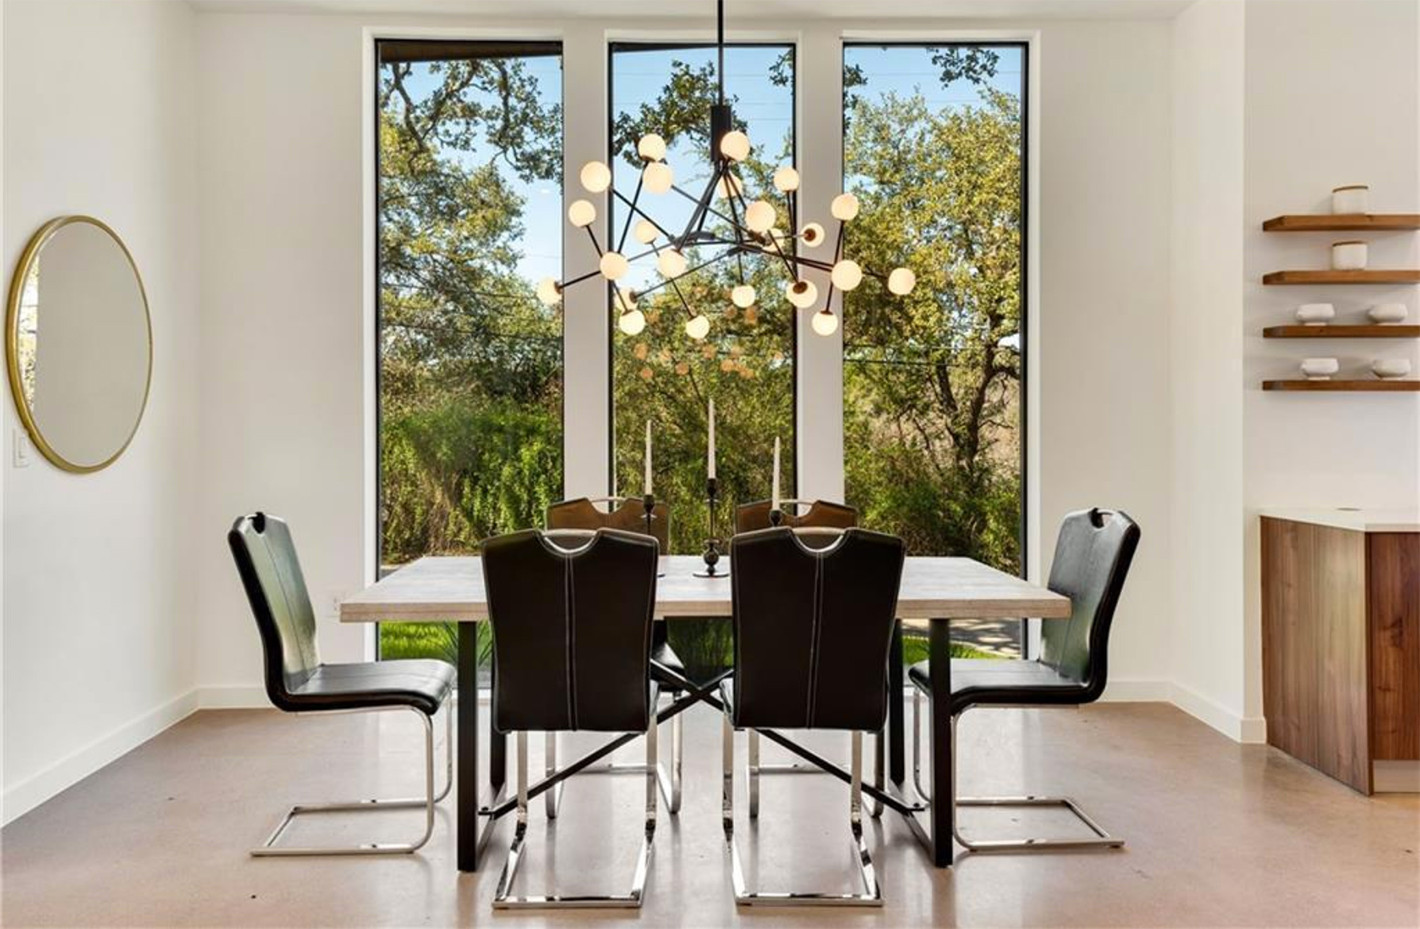 reagan dining room.jpg